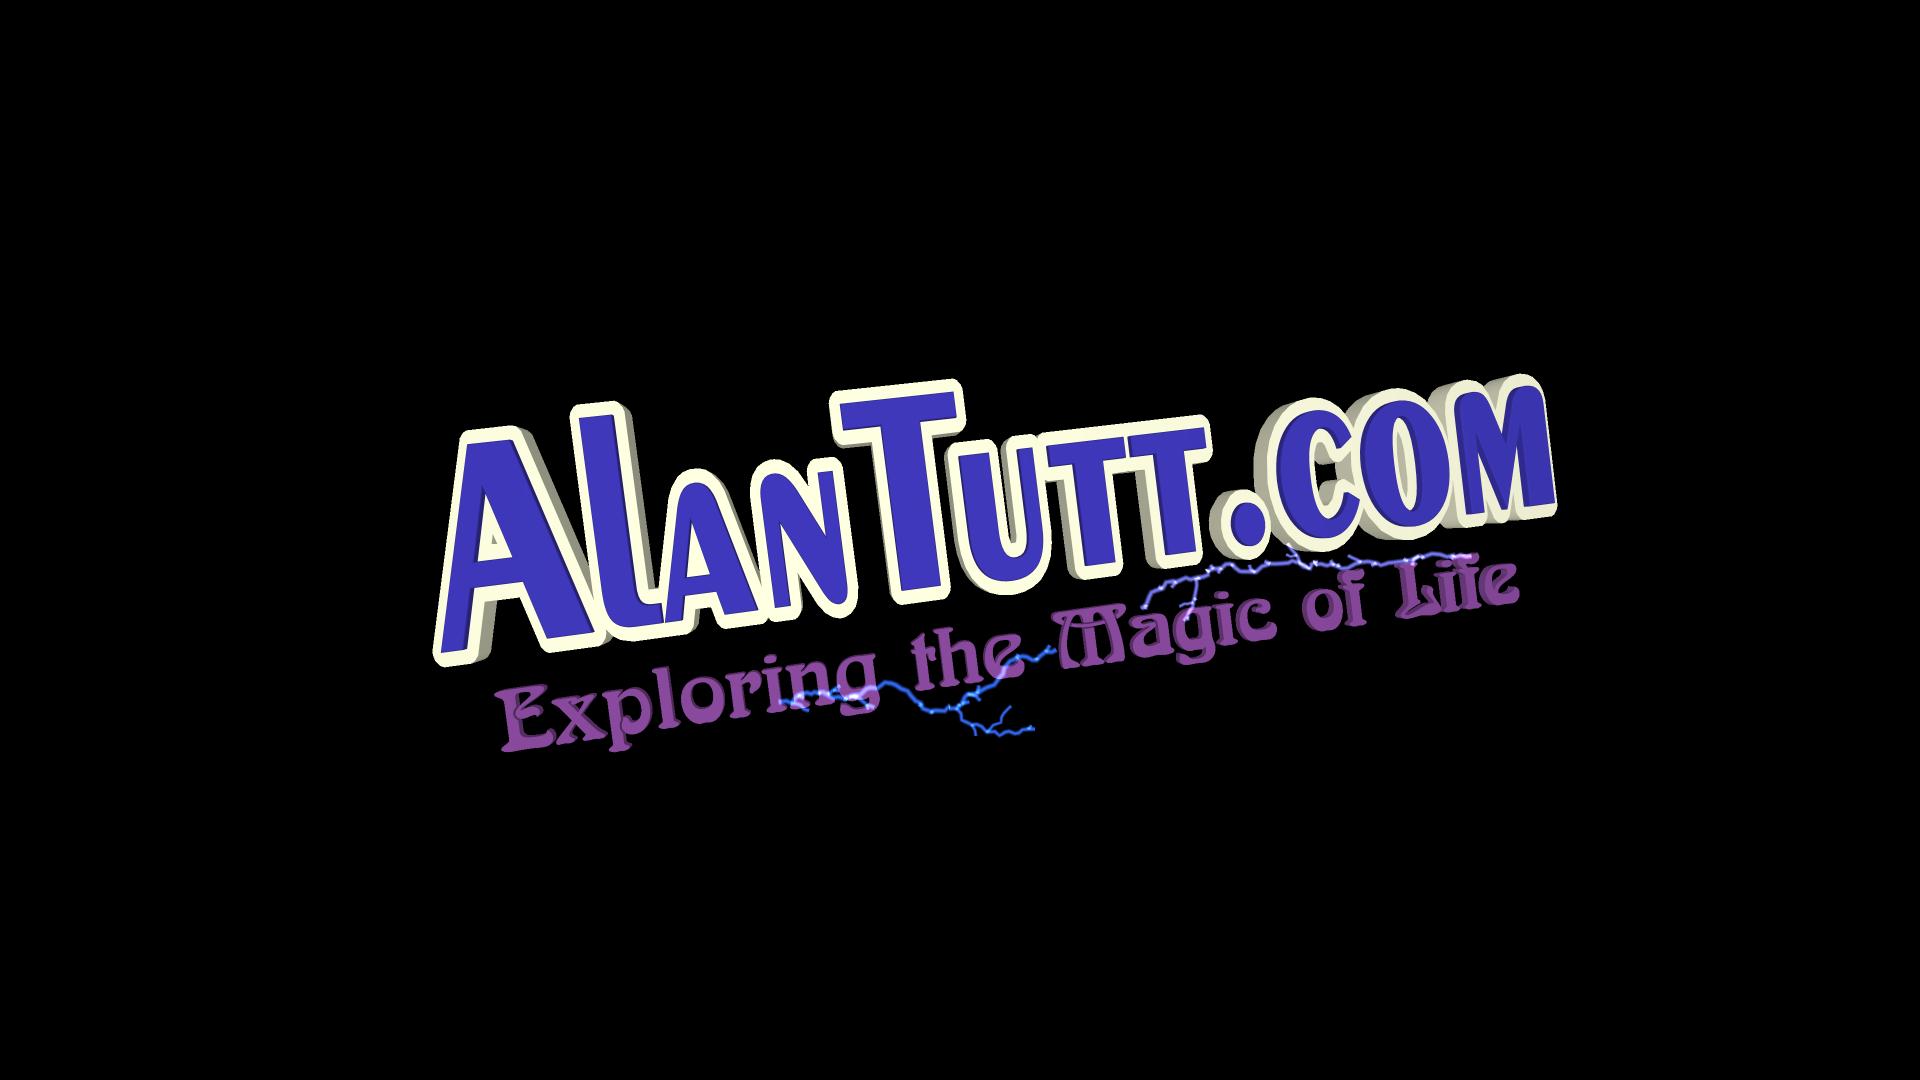 AlanTutt.com - Exploring the Magic of Life